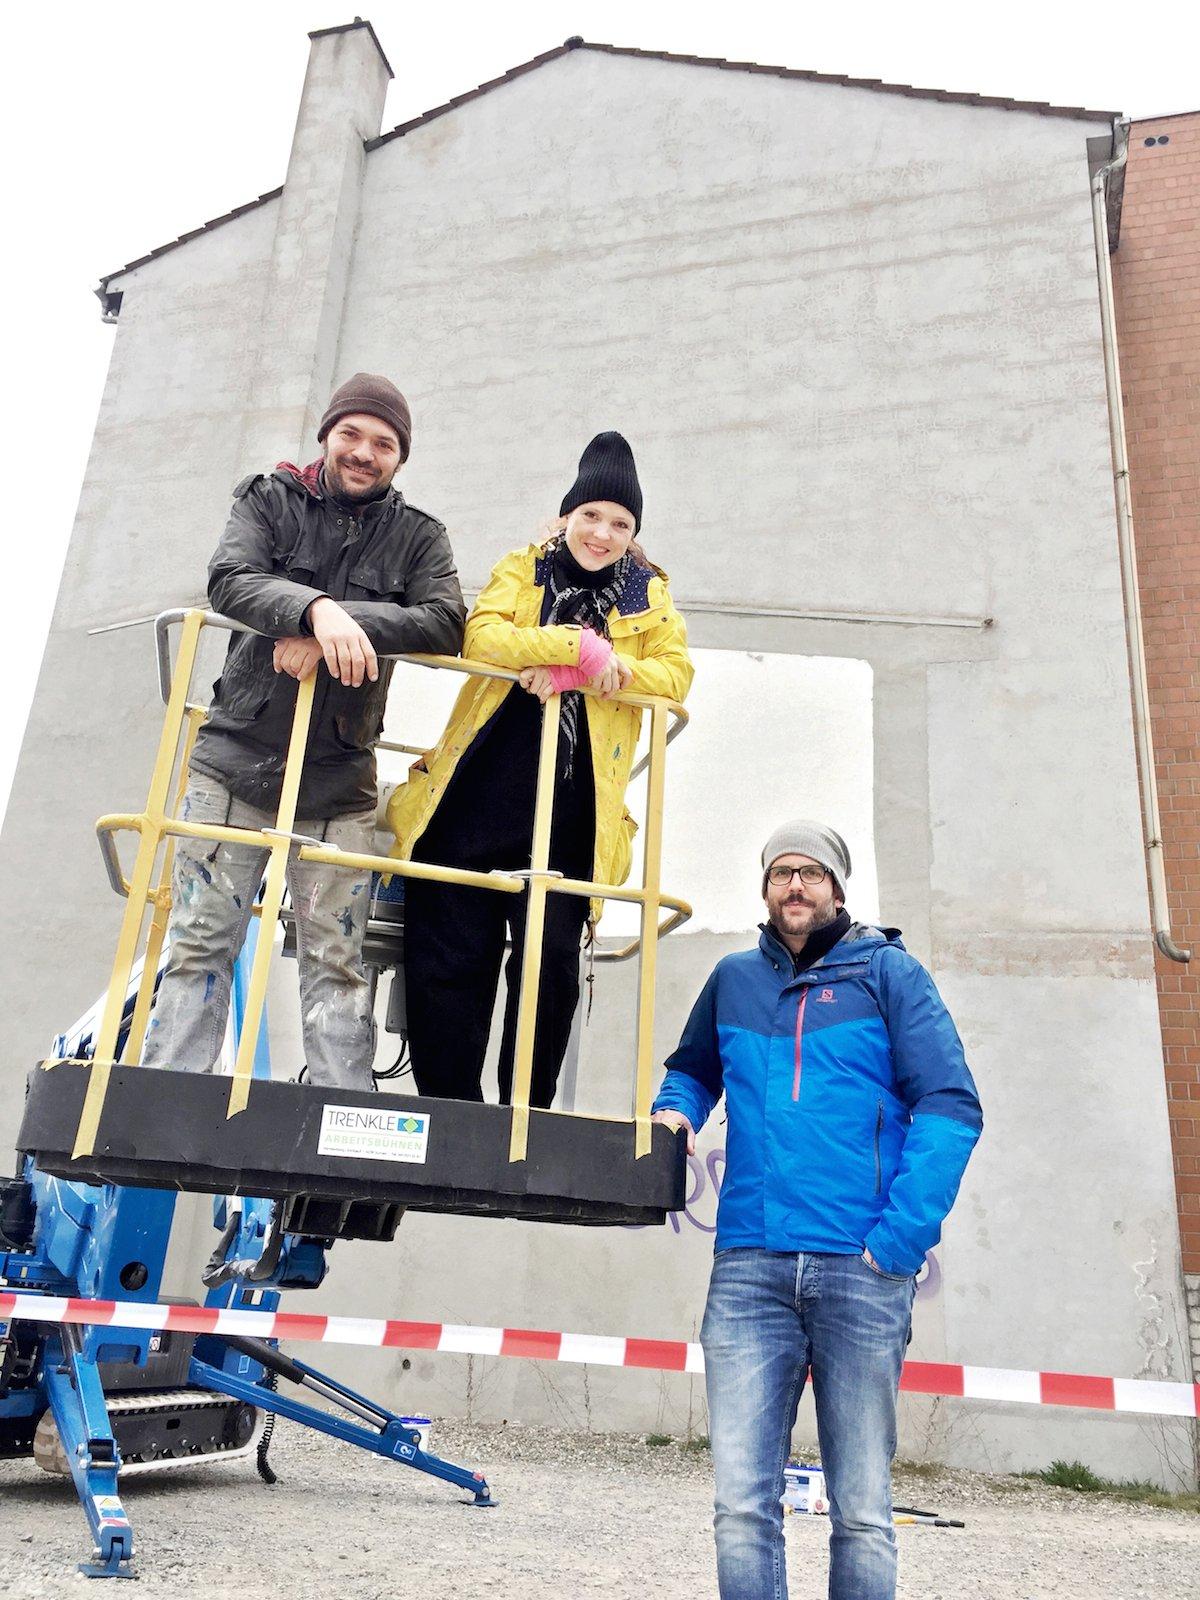 QueenKong, Veronika Bürgi und Marco Schmid, zusammen mit dem Initiator Andreas Troxler von Kreativfabrik 62, welcher das Projekt erst ermöglichte.